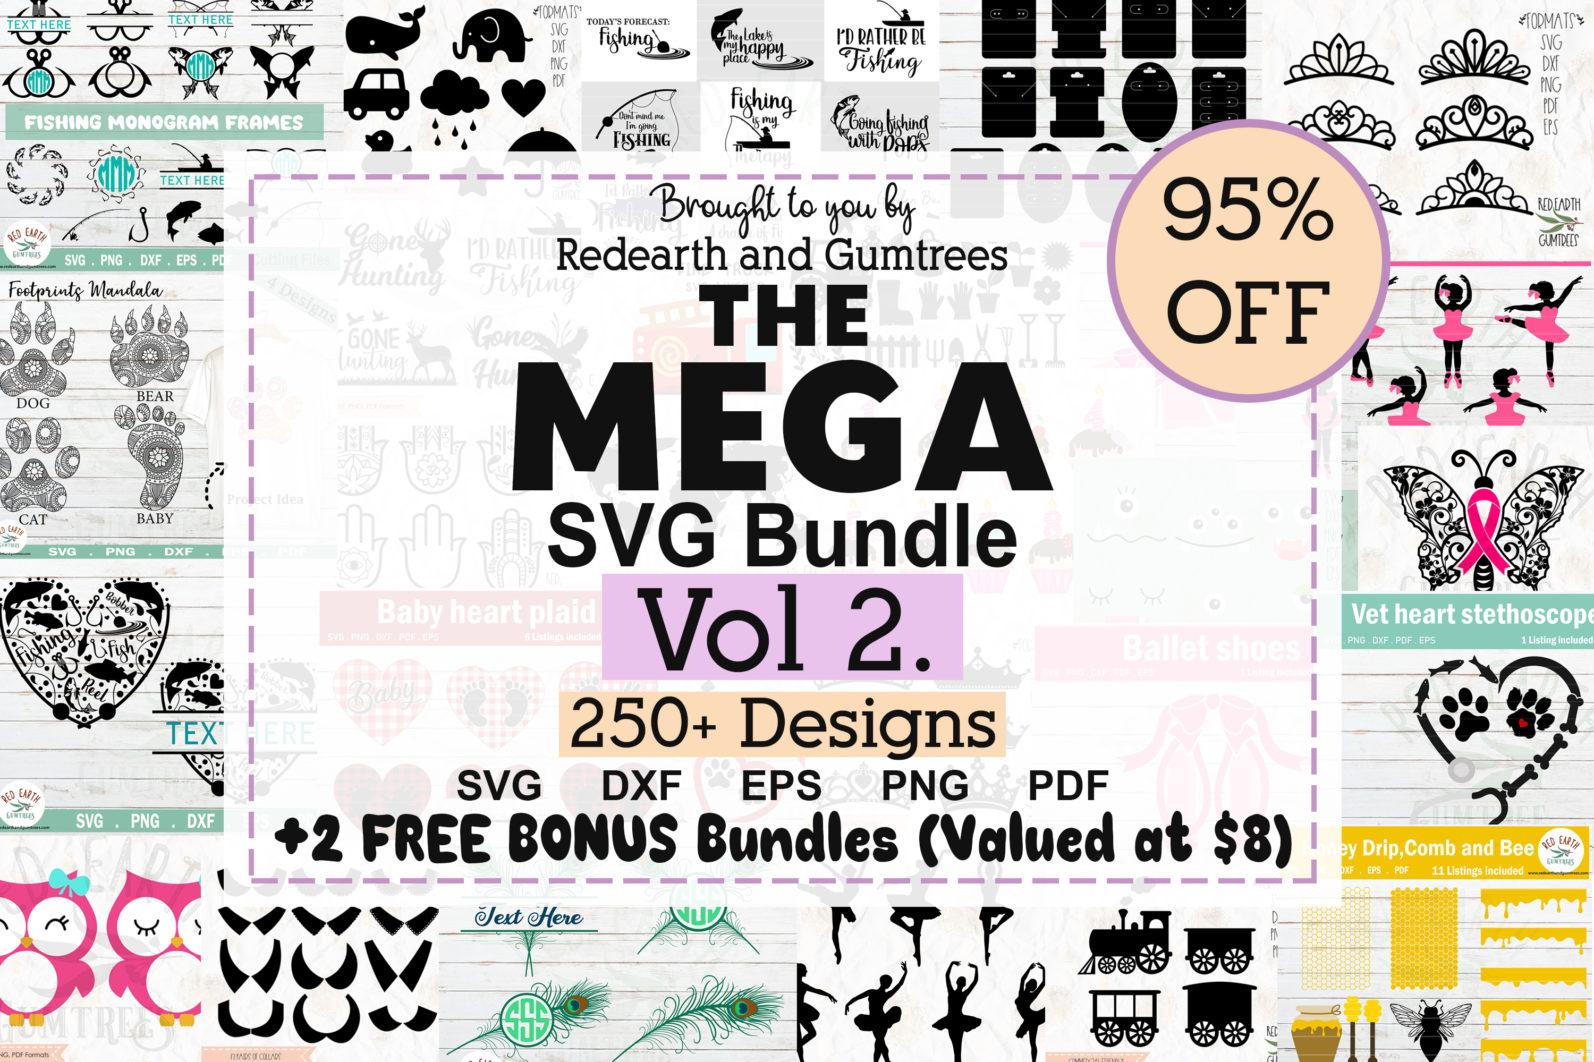 The Mega SVG Bundle Design Volume 2. More than 250 Designs in SVG,PNG,DXF,PDF,EPS formats - svg bundle for cricutfishing bundletrain bundlehoney bee honeycomb svganimal nbundleowl svgfish bundlefarm bundle svgballet bundle svgcute monster faces svg scaled -